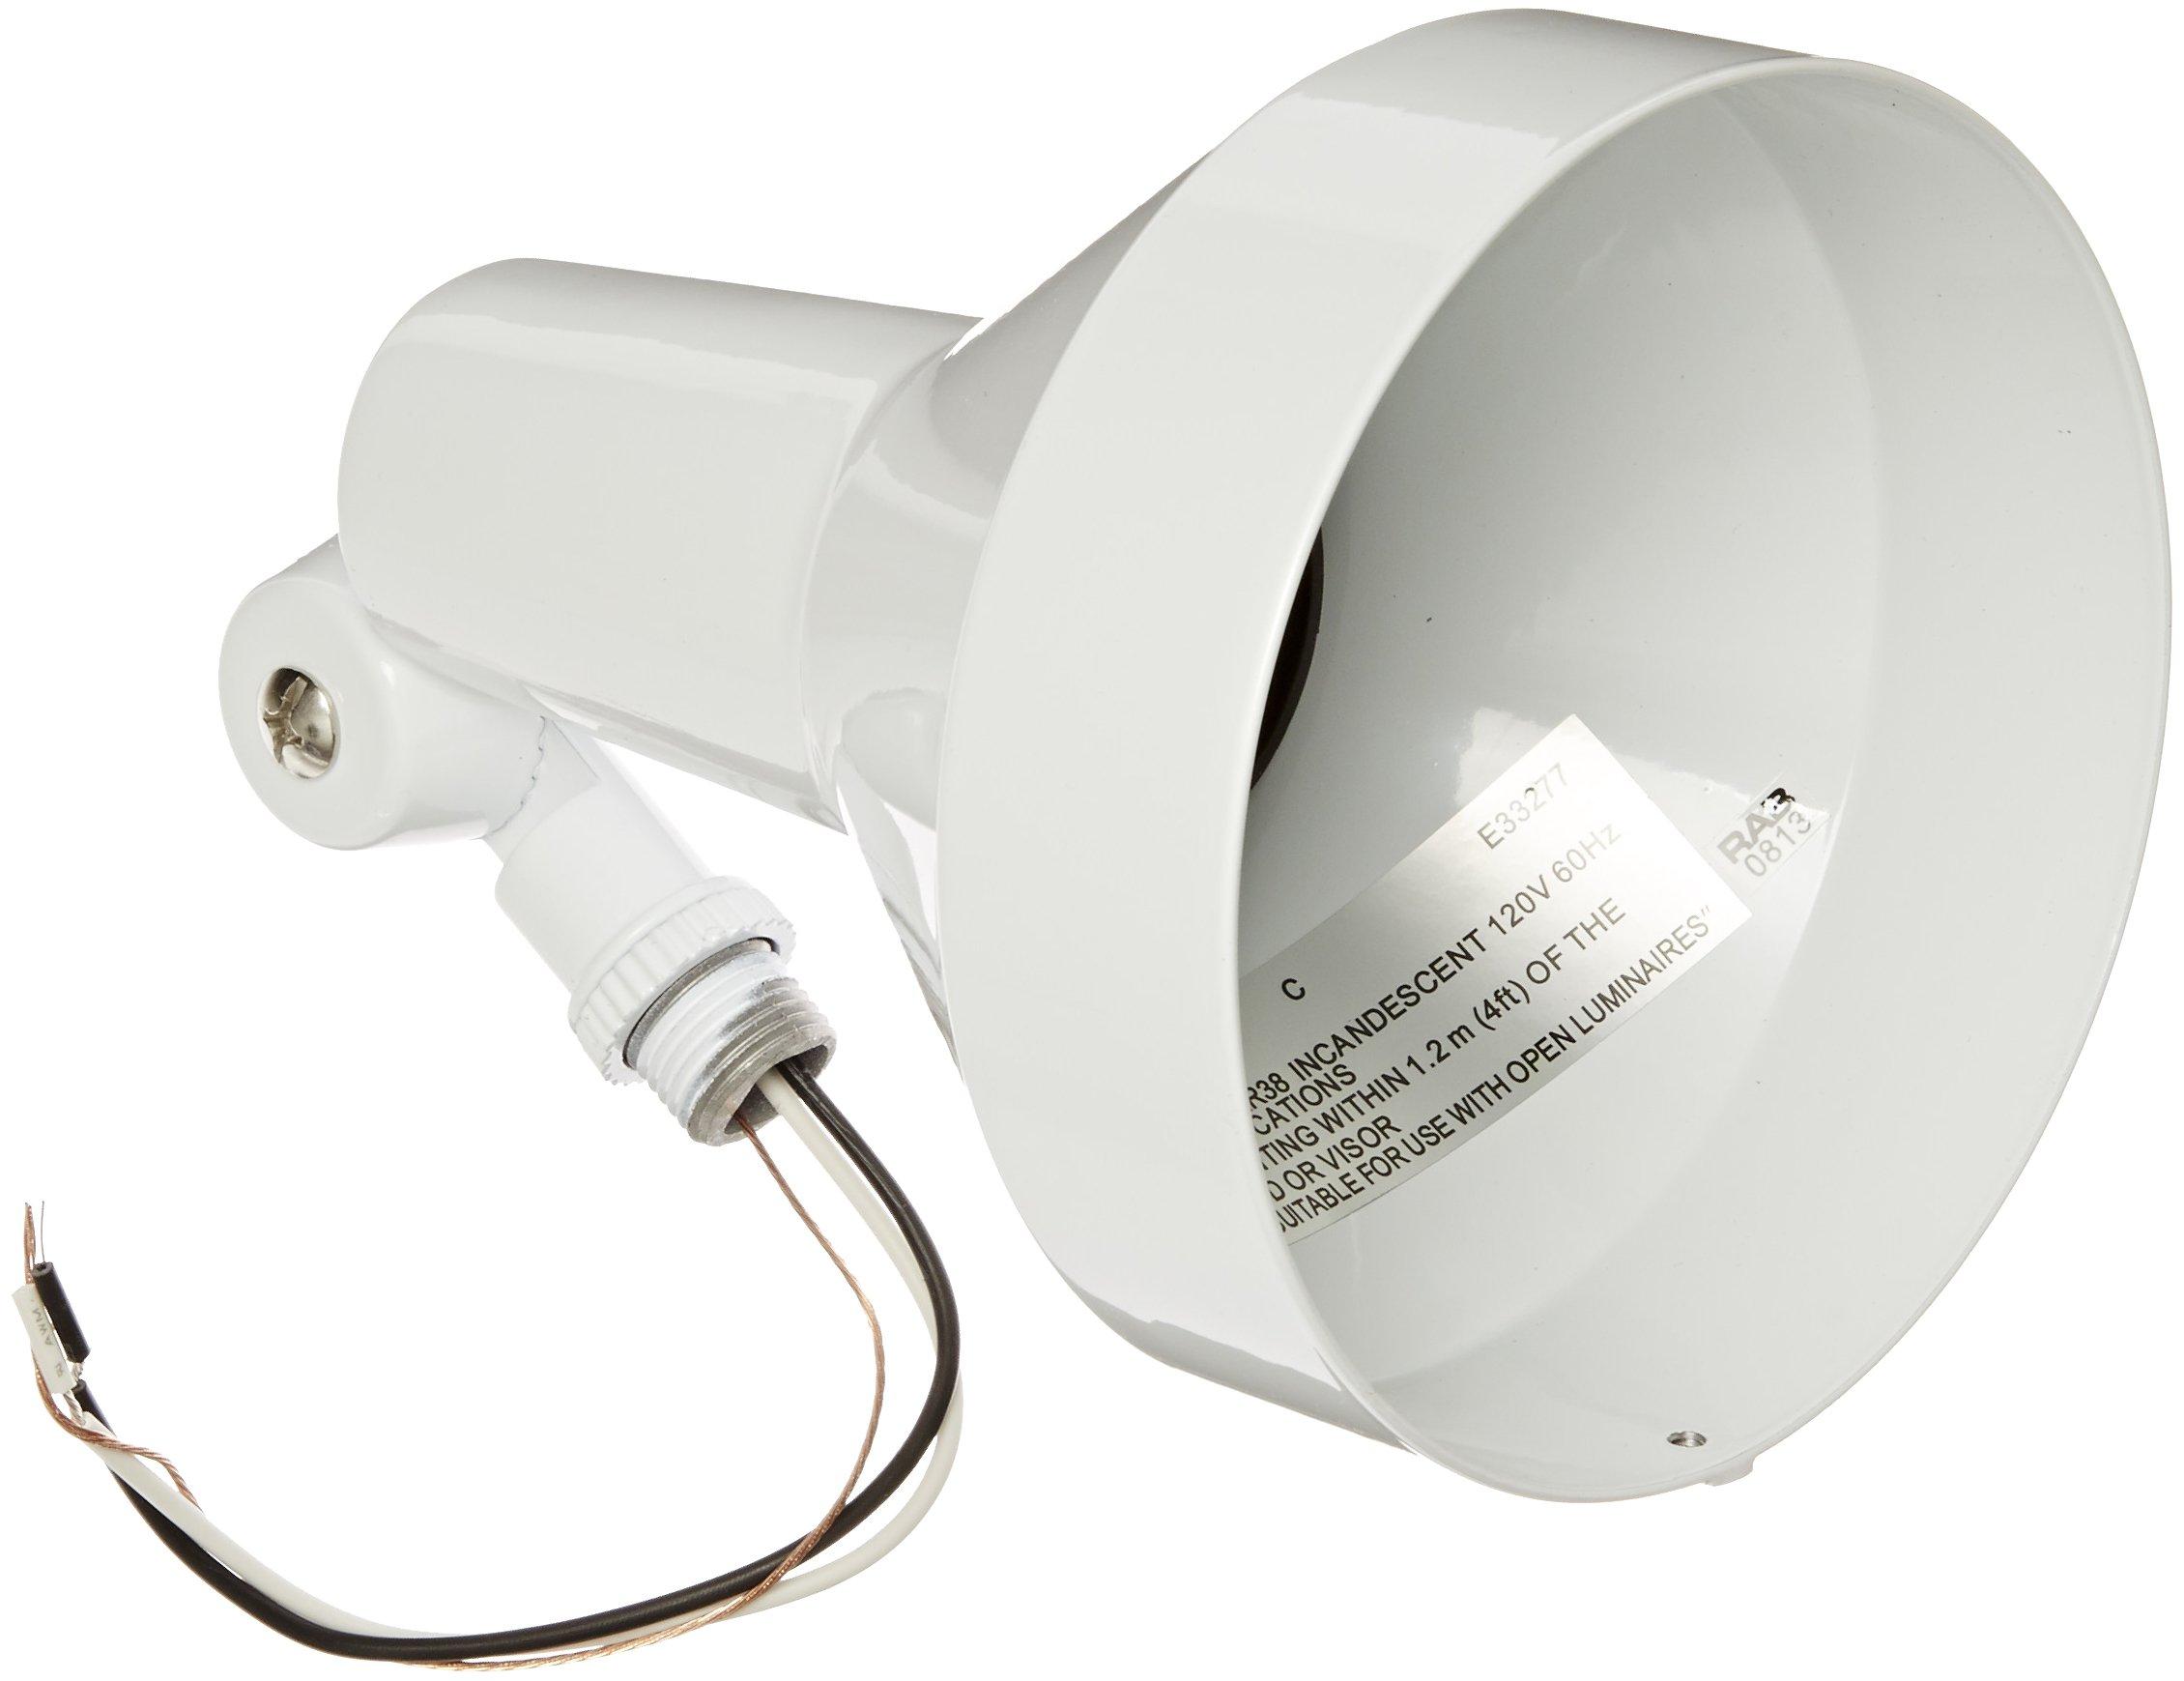 RAB Lighting H101W Landscape Bell Shaped H System Par Flood, PAR38 Type, Aluminum, 150W Power, White